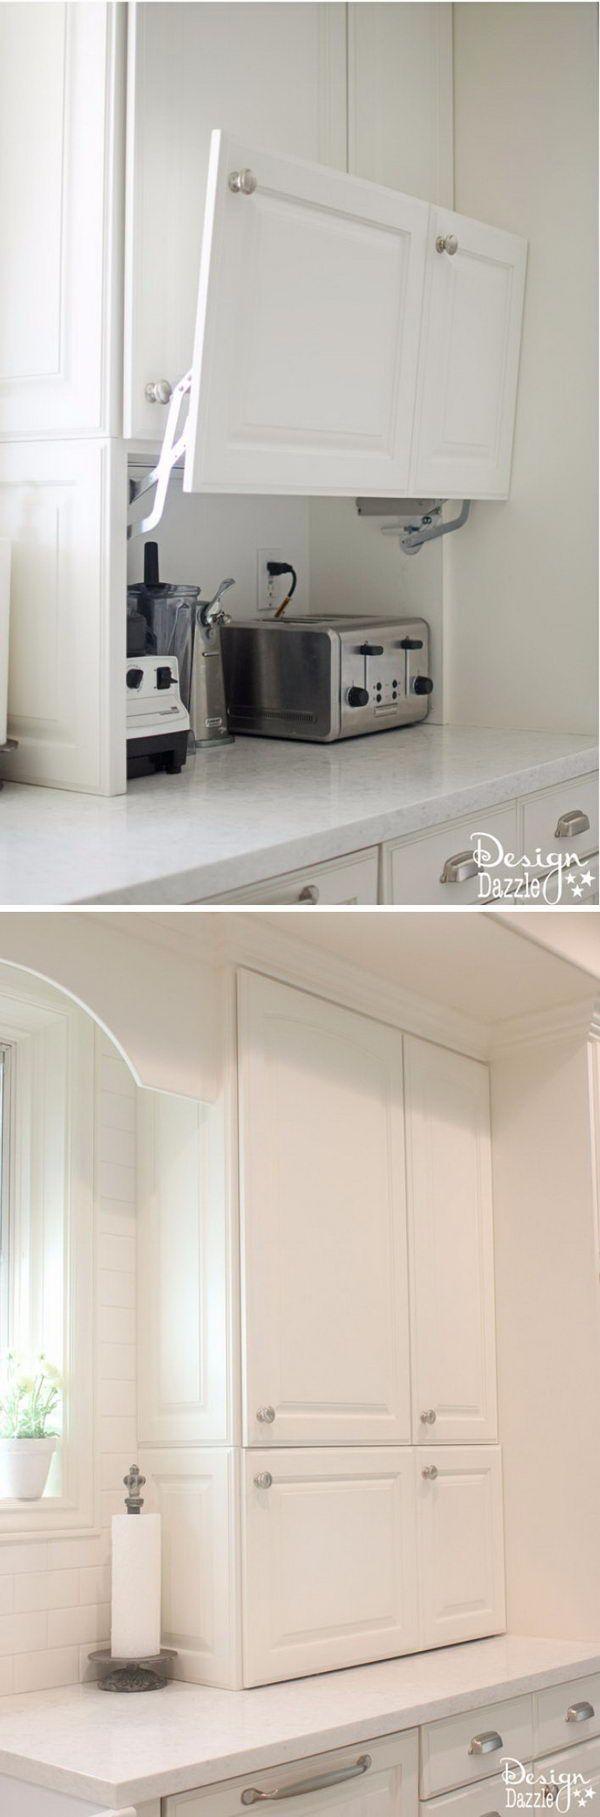 Best 25 hidden storage ideas on pinterest under cabinet for Hidden kitchen storage ideas